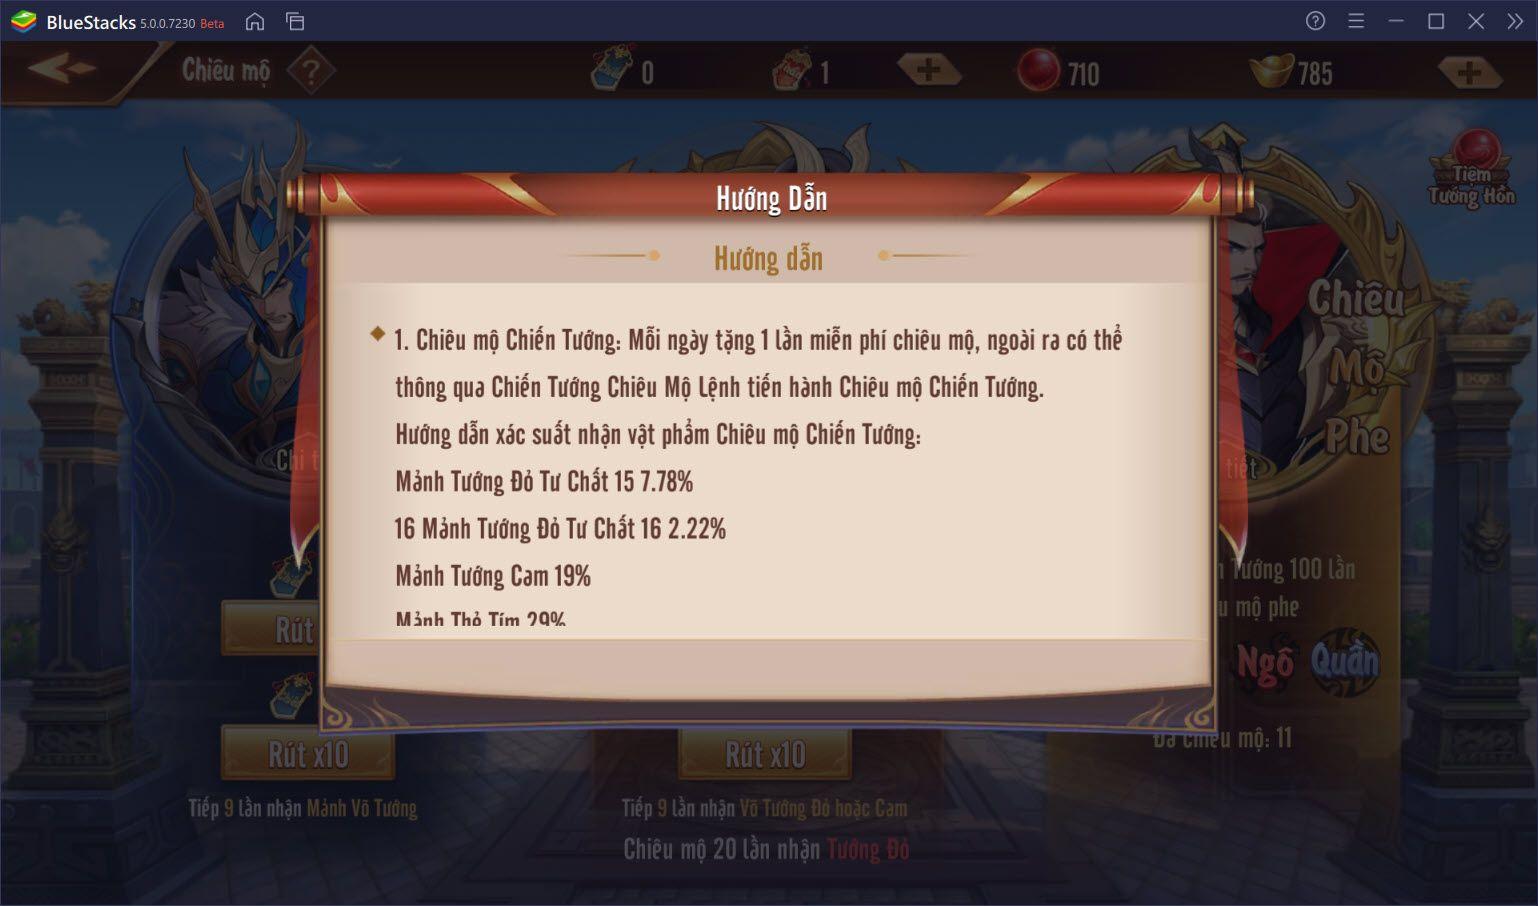 Cách chơi Tân OMG3Q VNG và những điều cần biết